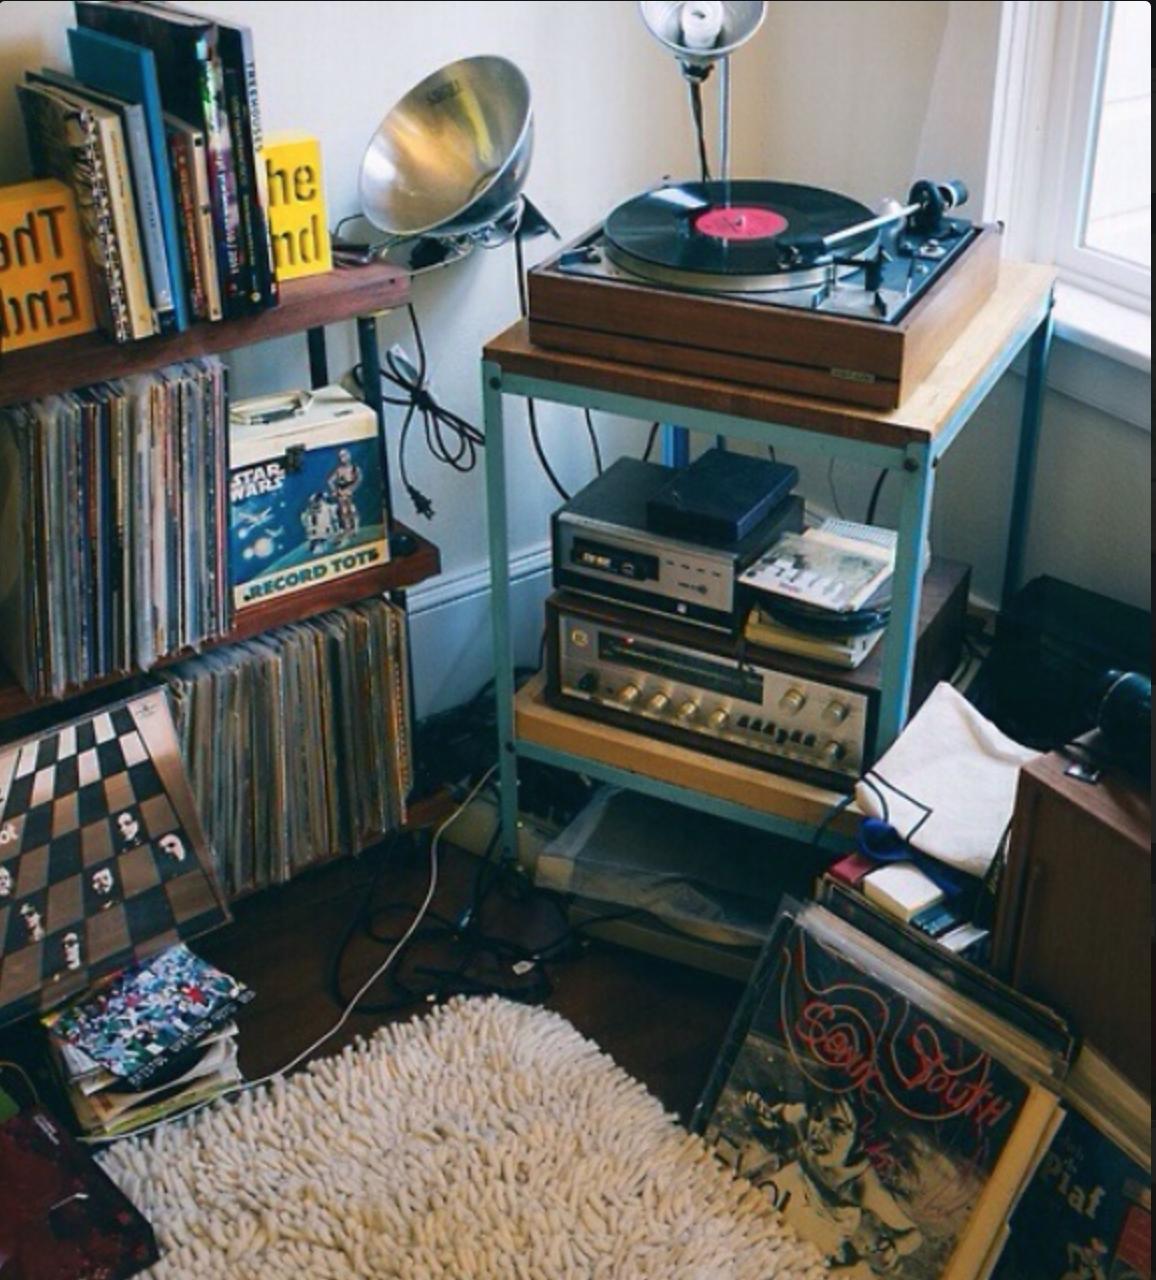 Record Player In Bedroom W Shelves Via Tumblr In 2020